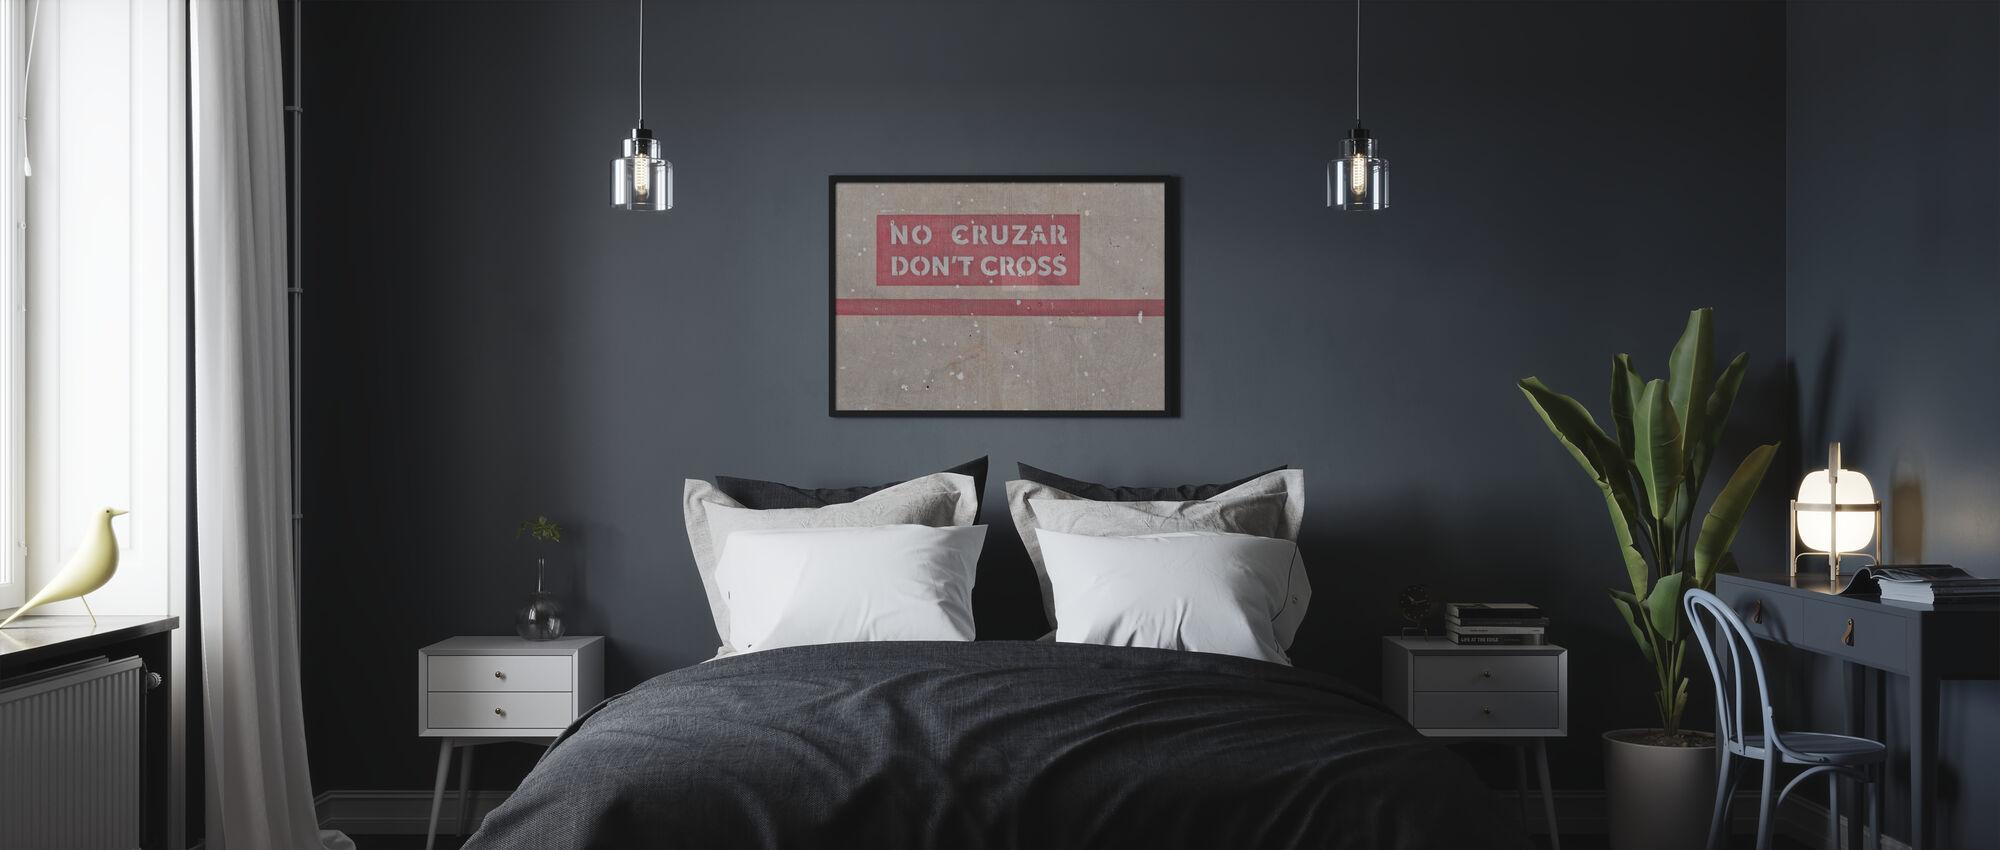 Inside your Mind - Poster - Bedroom